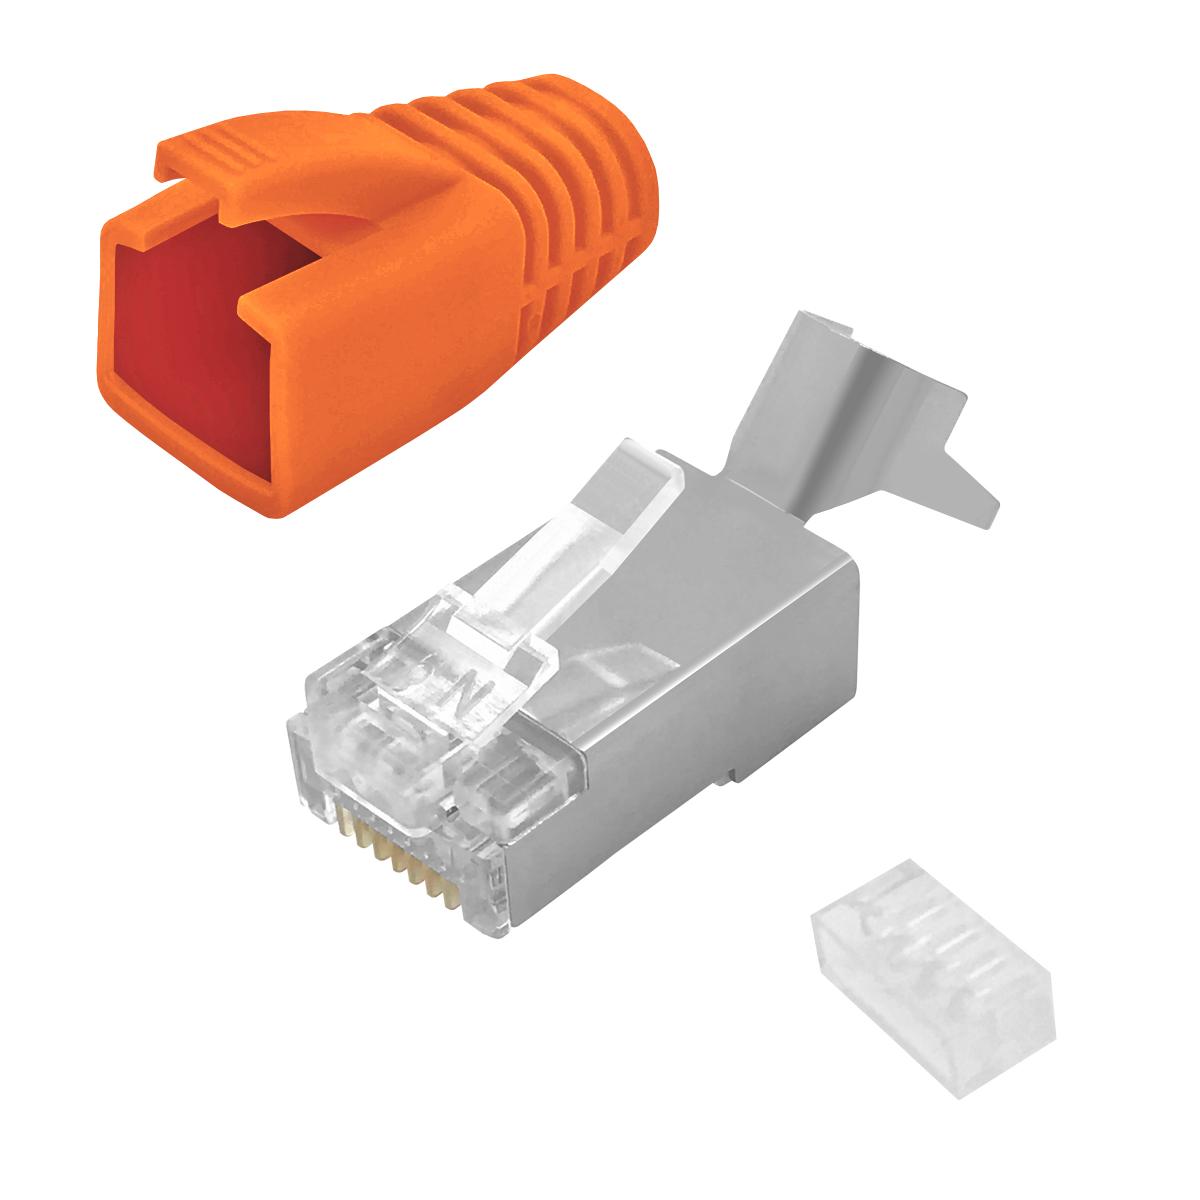 rj45 stecker arli netzwerkkabel lan kabel verbinder rj 45 kat cat 7